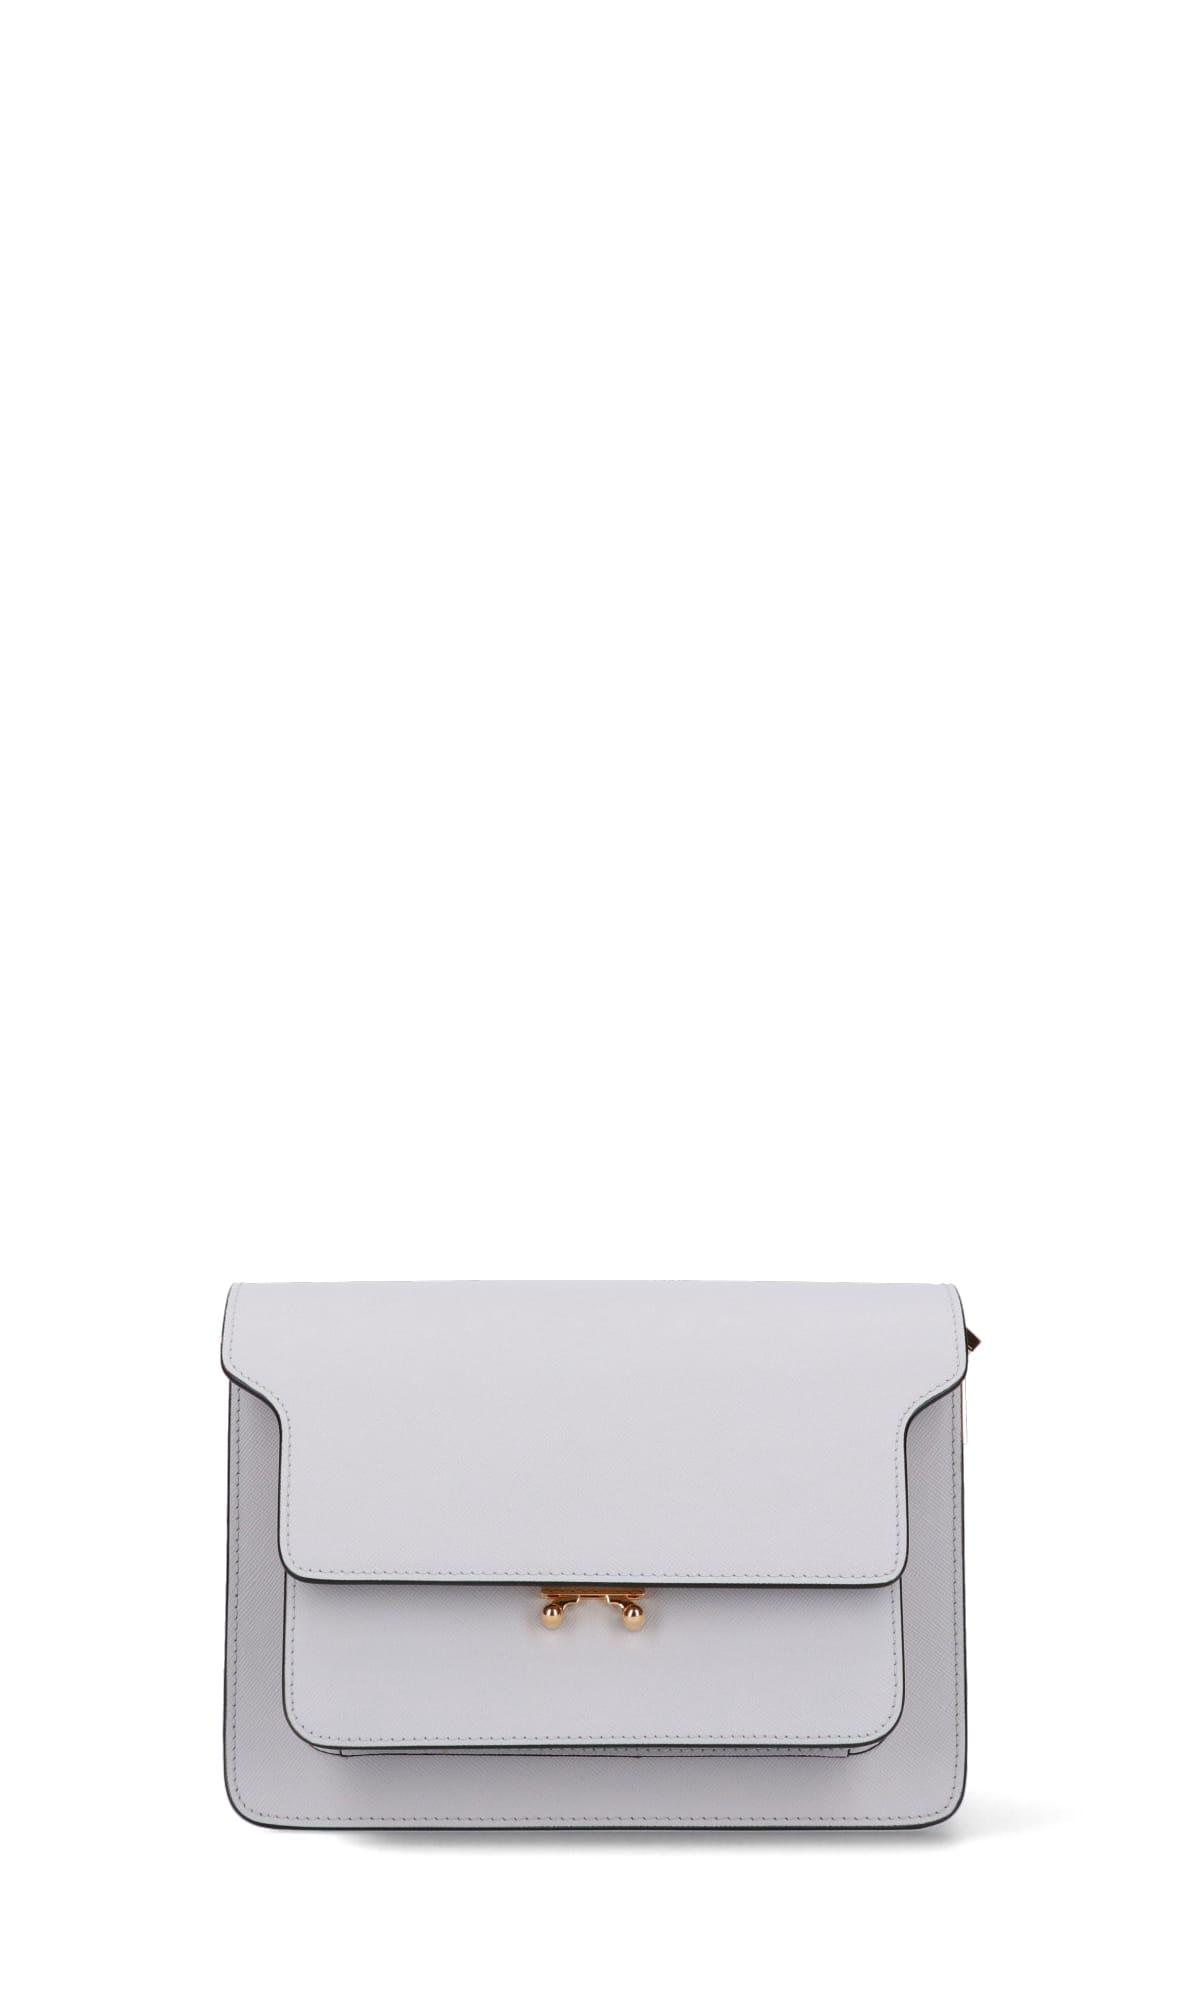 Marni Shoulder Bag In White